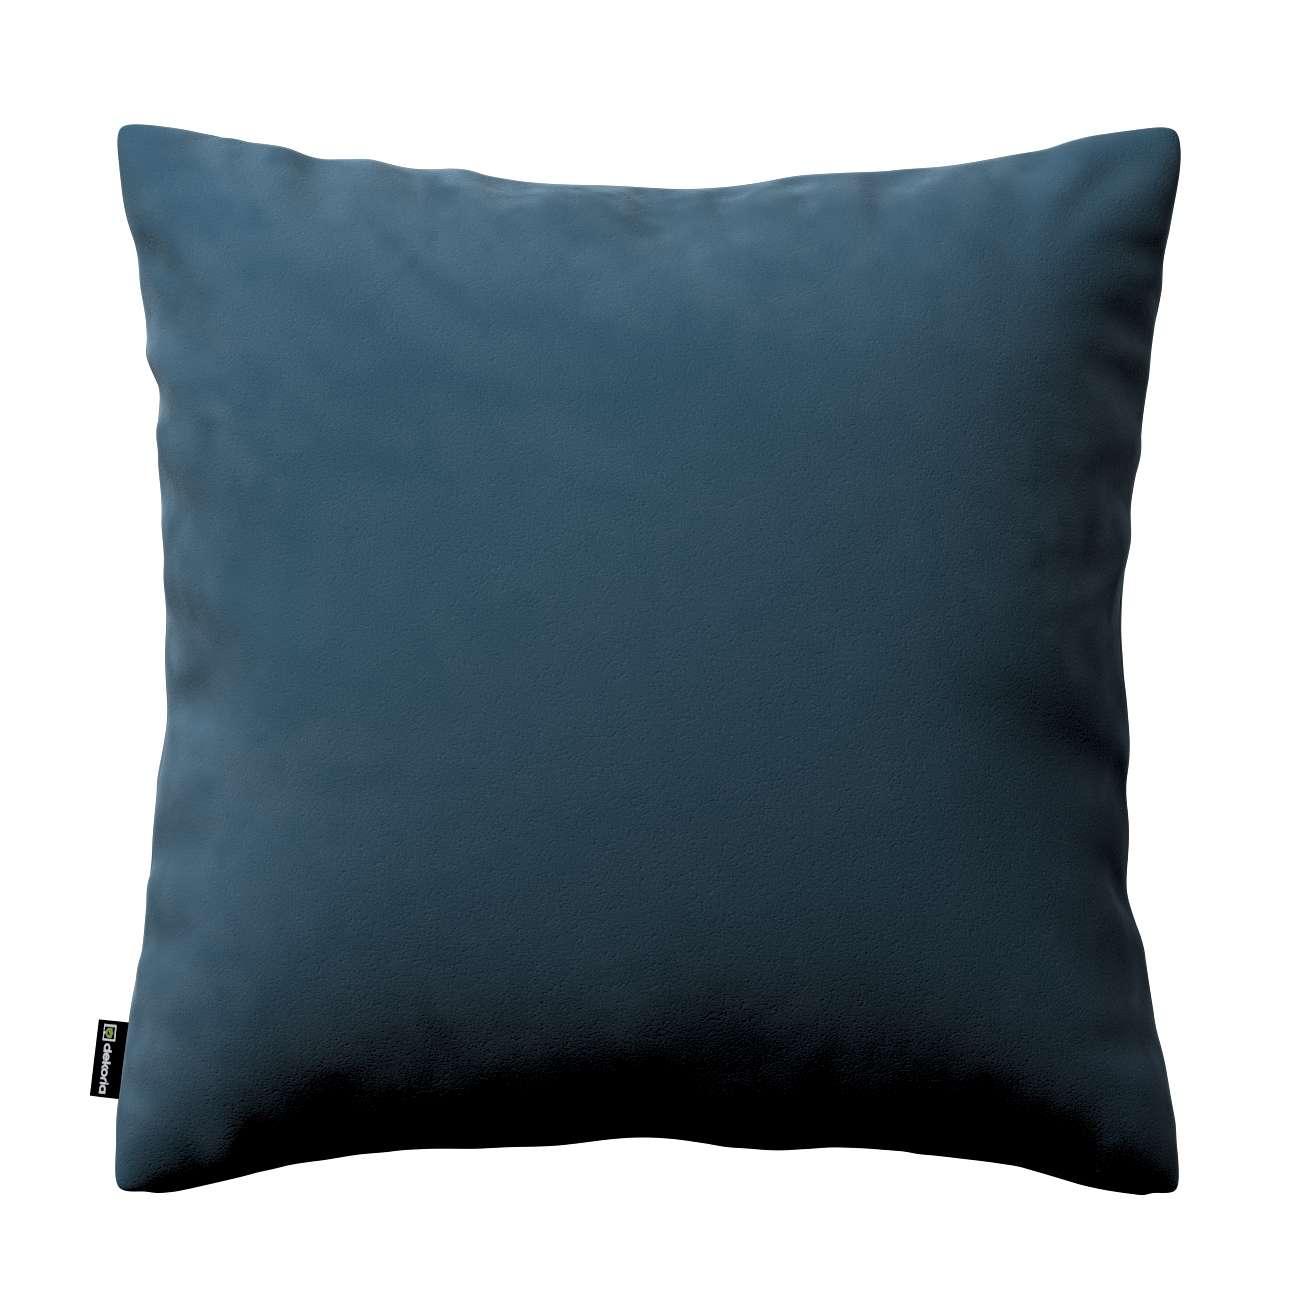 Poszewka Kinga na poduszkę w kolekcji Velvet, tkanina: 704-16